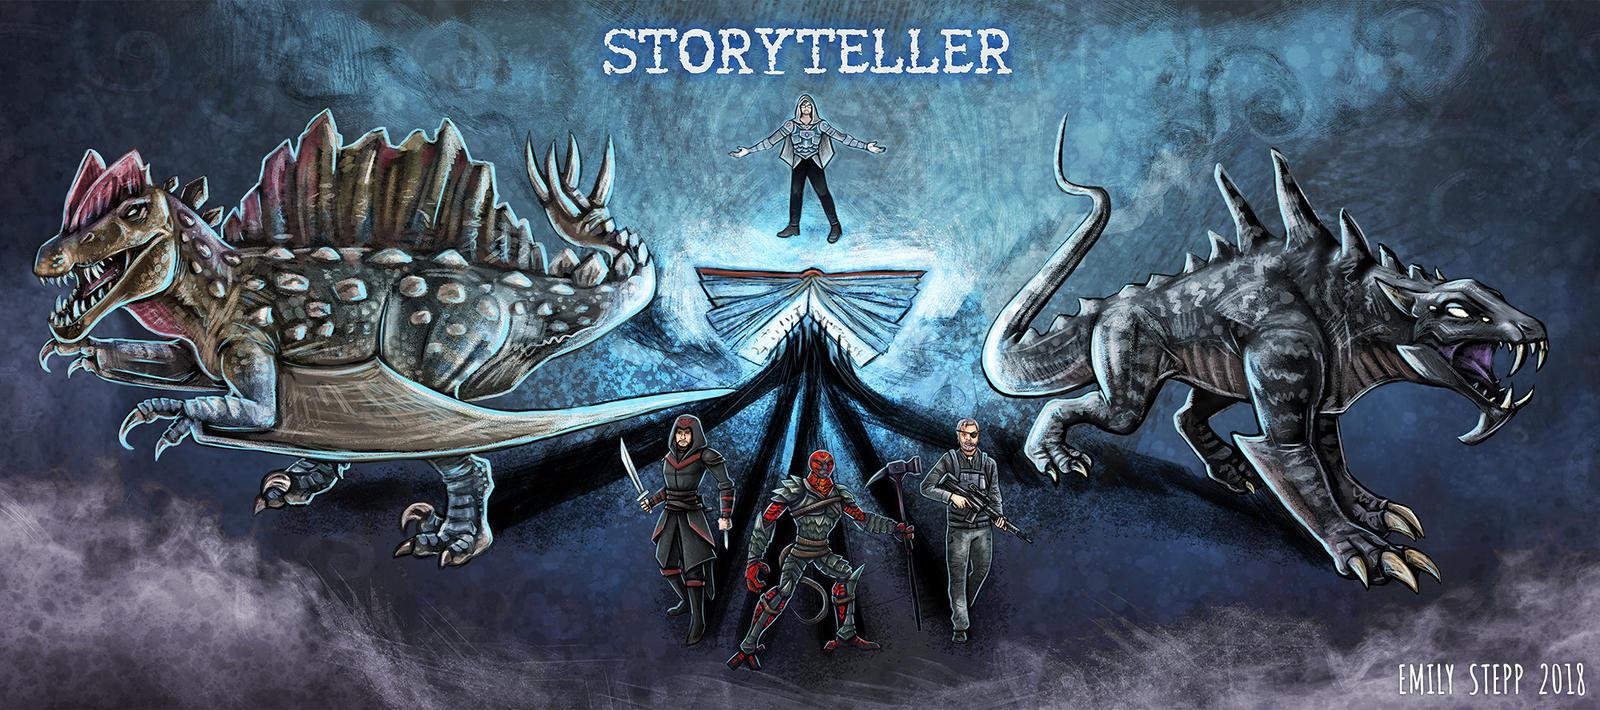 Storyteller Banner by EmilyStepp